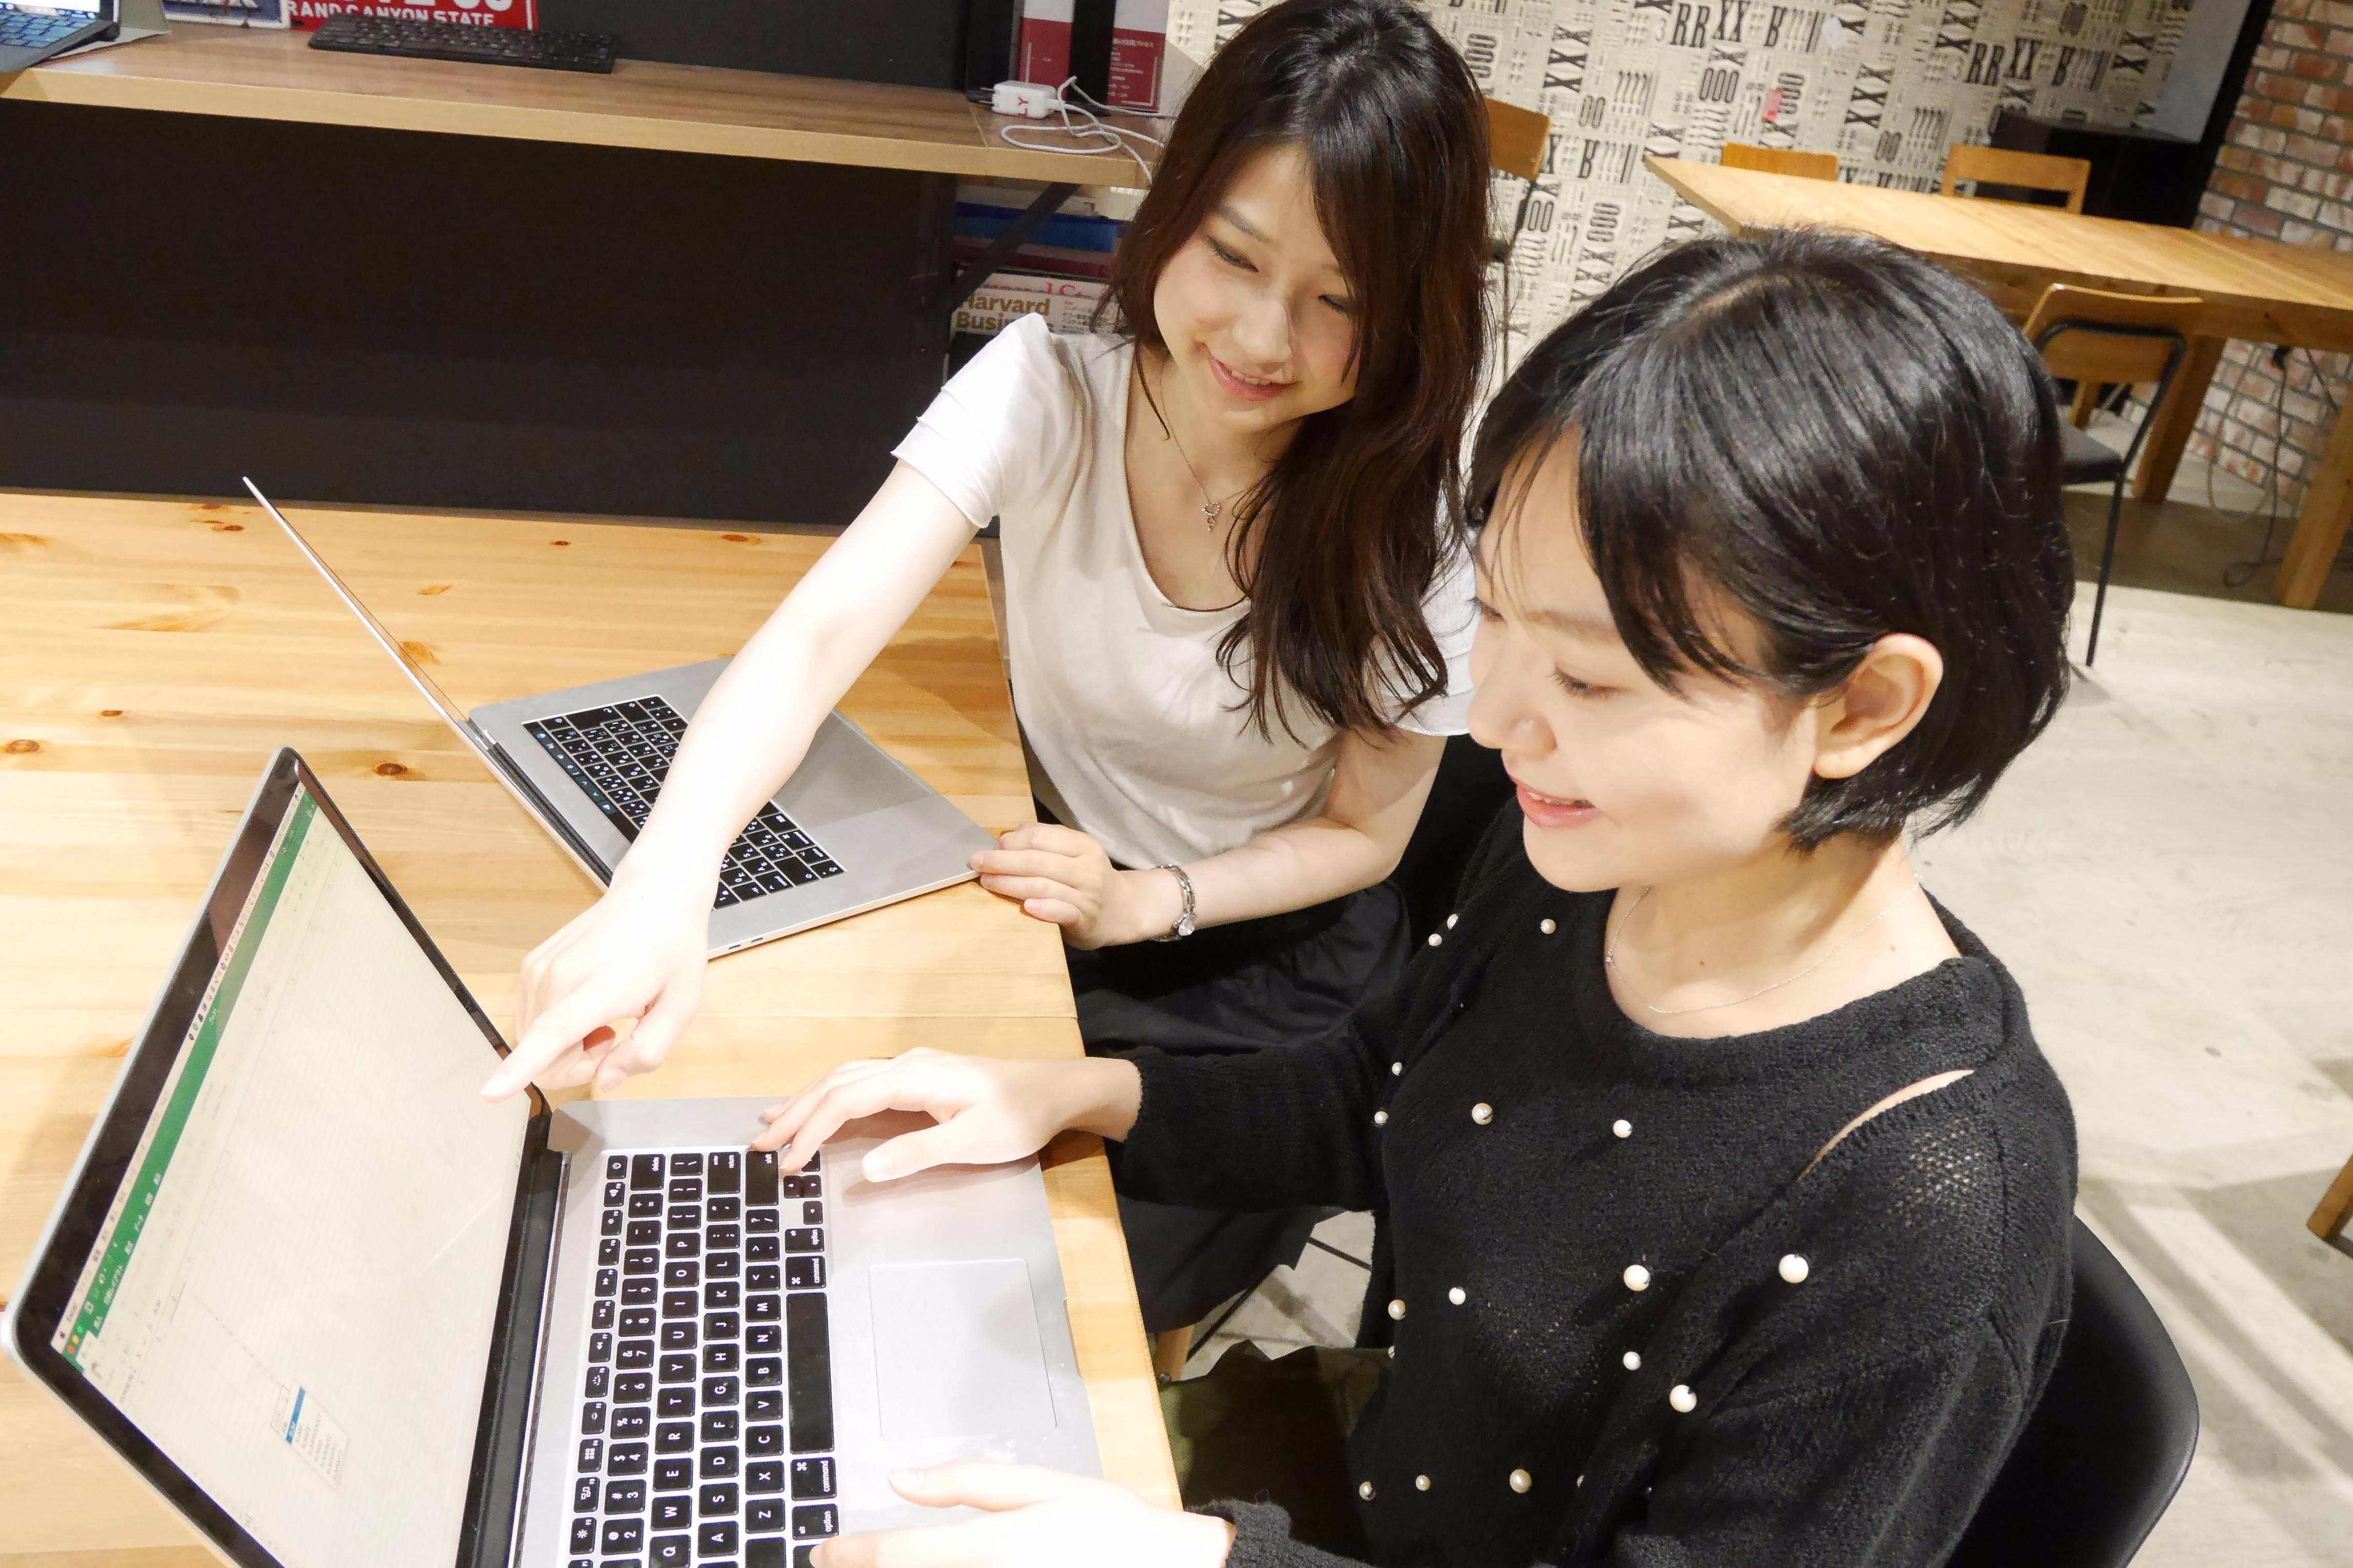 株式会社JapanWorkの5万人の外国人の生活を支えるチャットボット運営マネージャー募集!のサムネイル画像